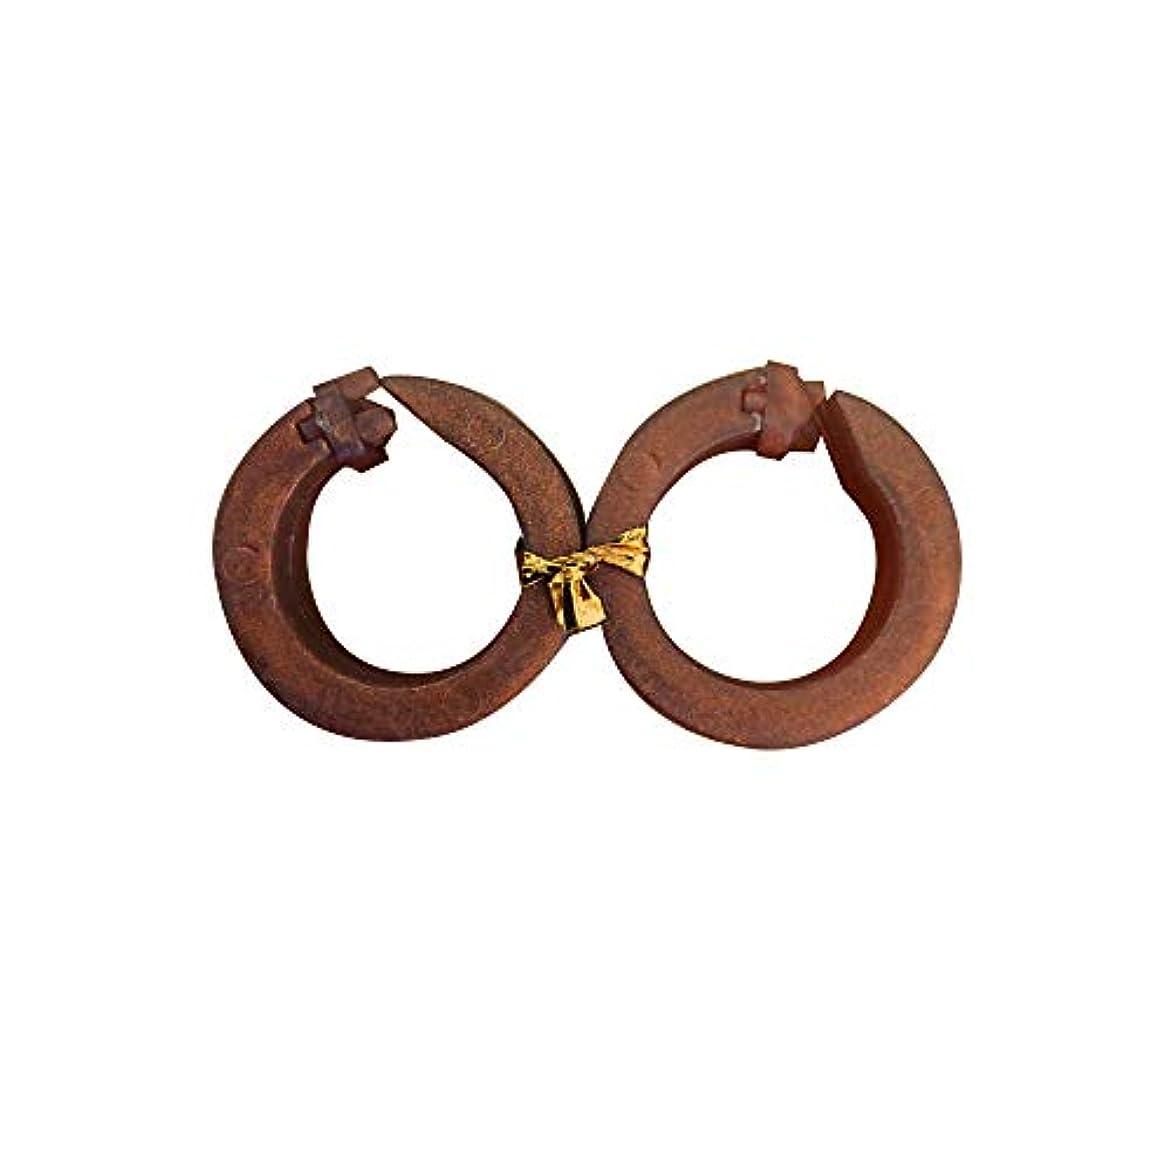 ドライ良性接続されたサフランフィールド 耳つぼ美人 ゴールドブラウン 耳つぼ ダイエット リング 美容 ダイエット器具